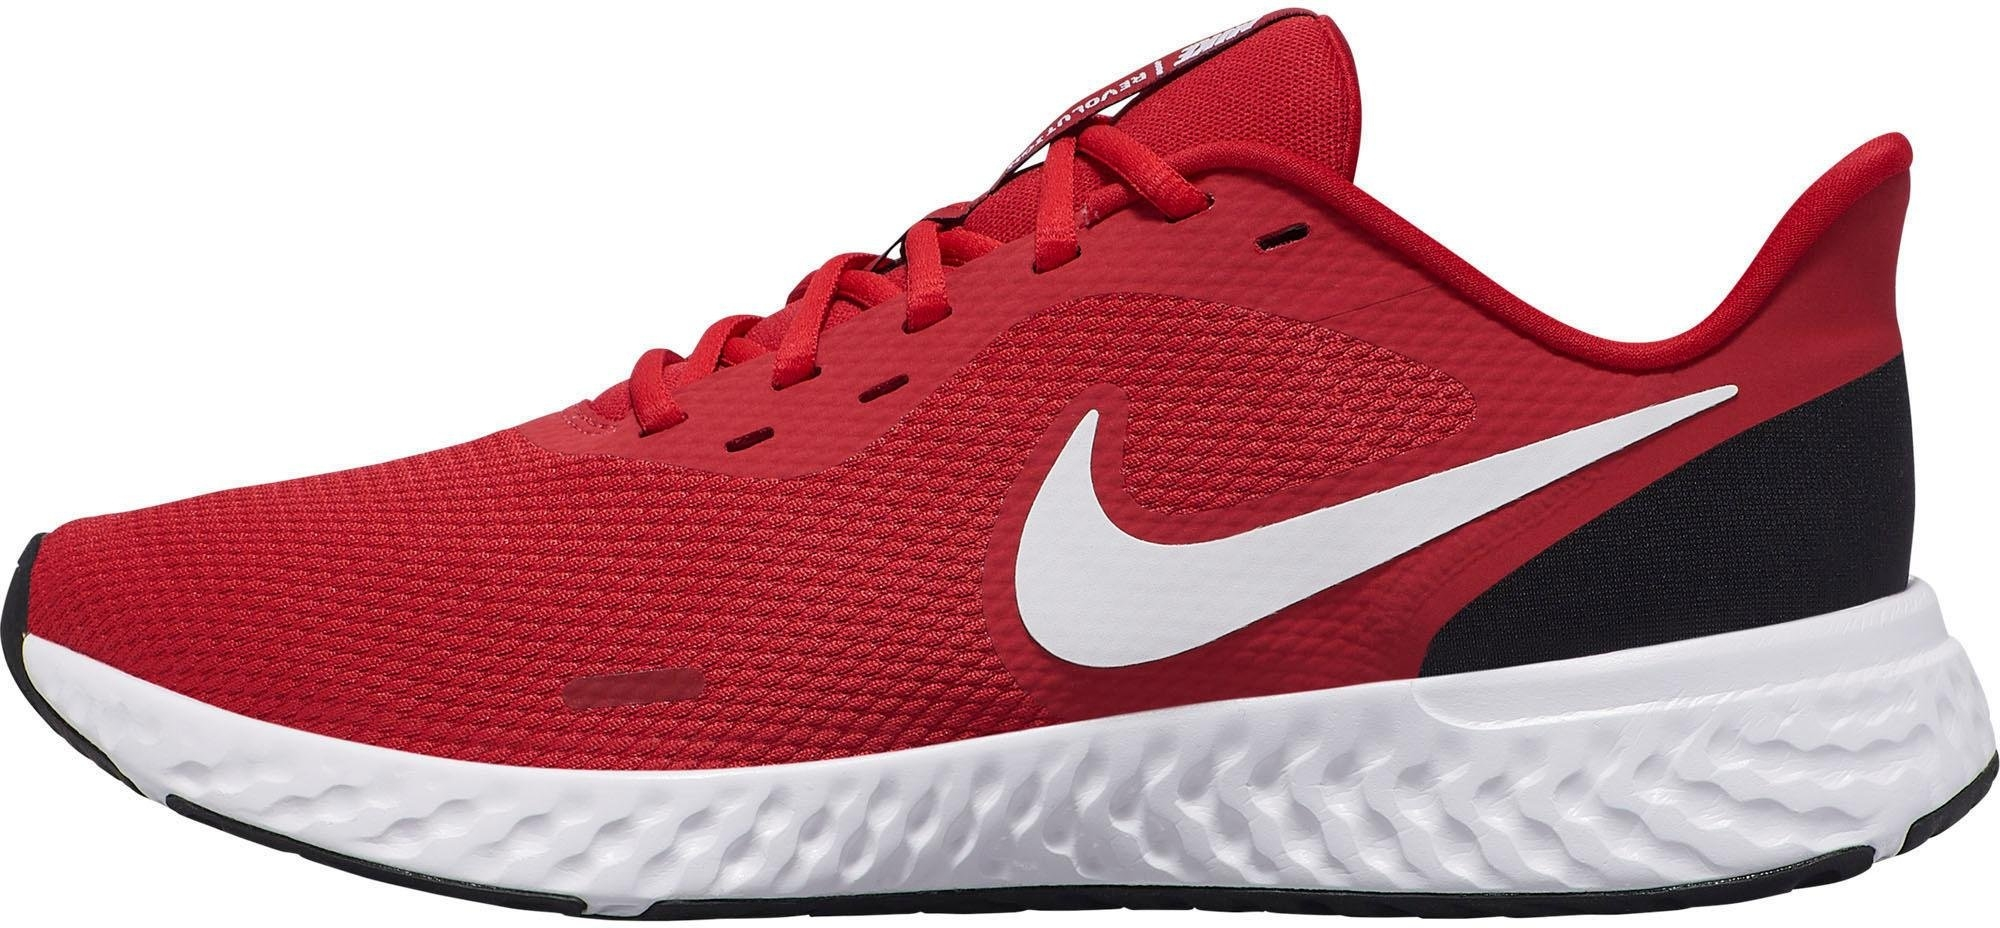 Nike runningschoenen »Revolution 5« bestellen: 14 dagen bedenktijd